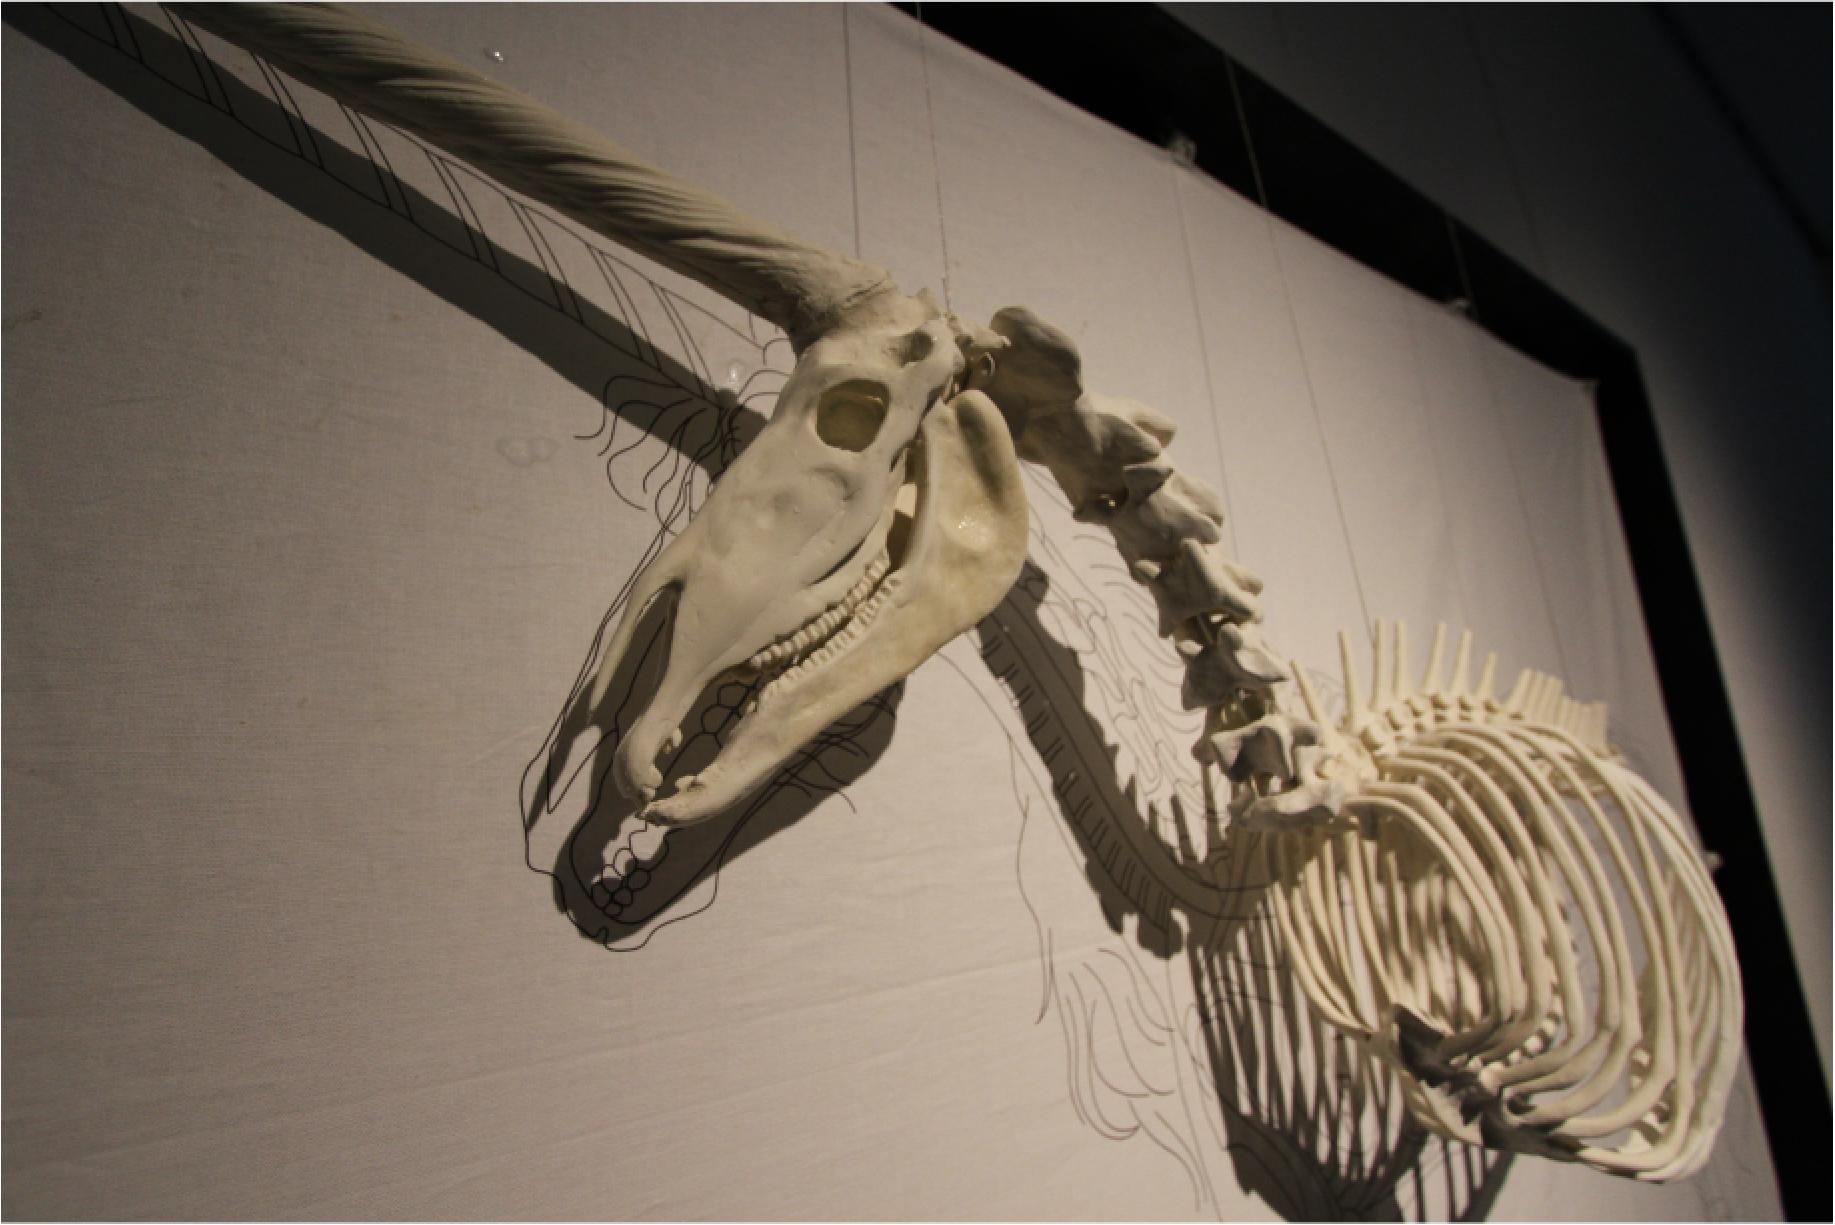 画像: 平野真美 作品 「蘇生するユニコーン」